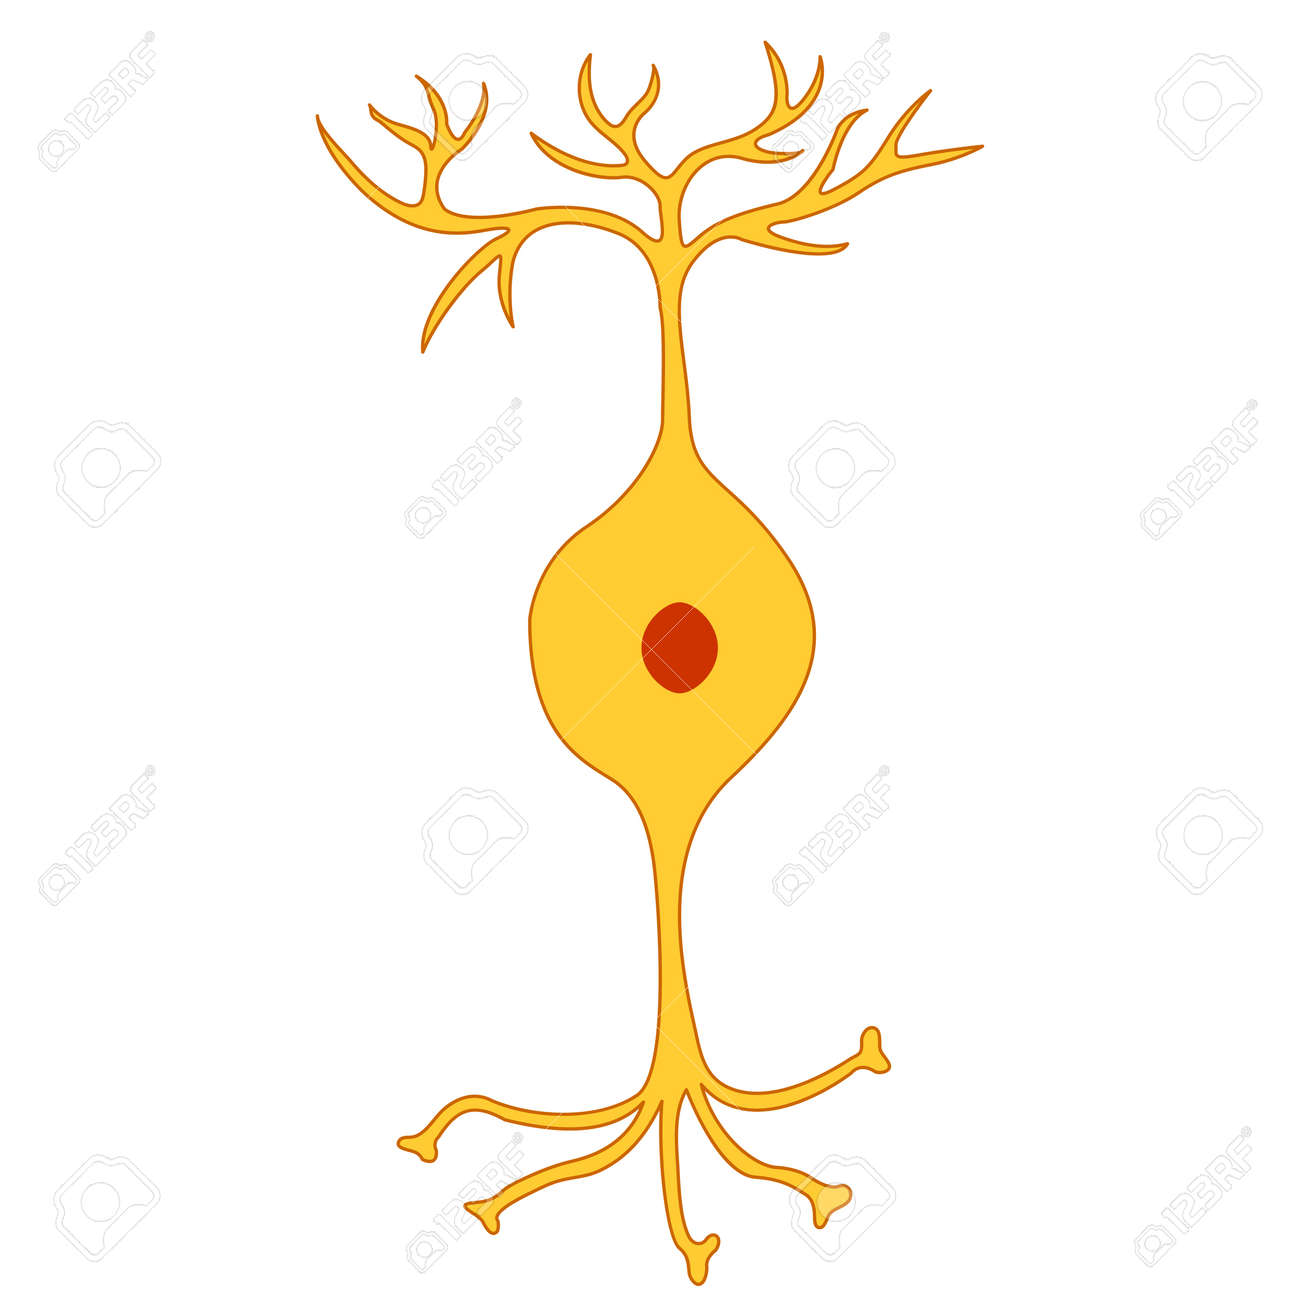 Neurona Bipolar, Neurona Célula Nerviosa, Aislado En Fondo Blanco ...